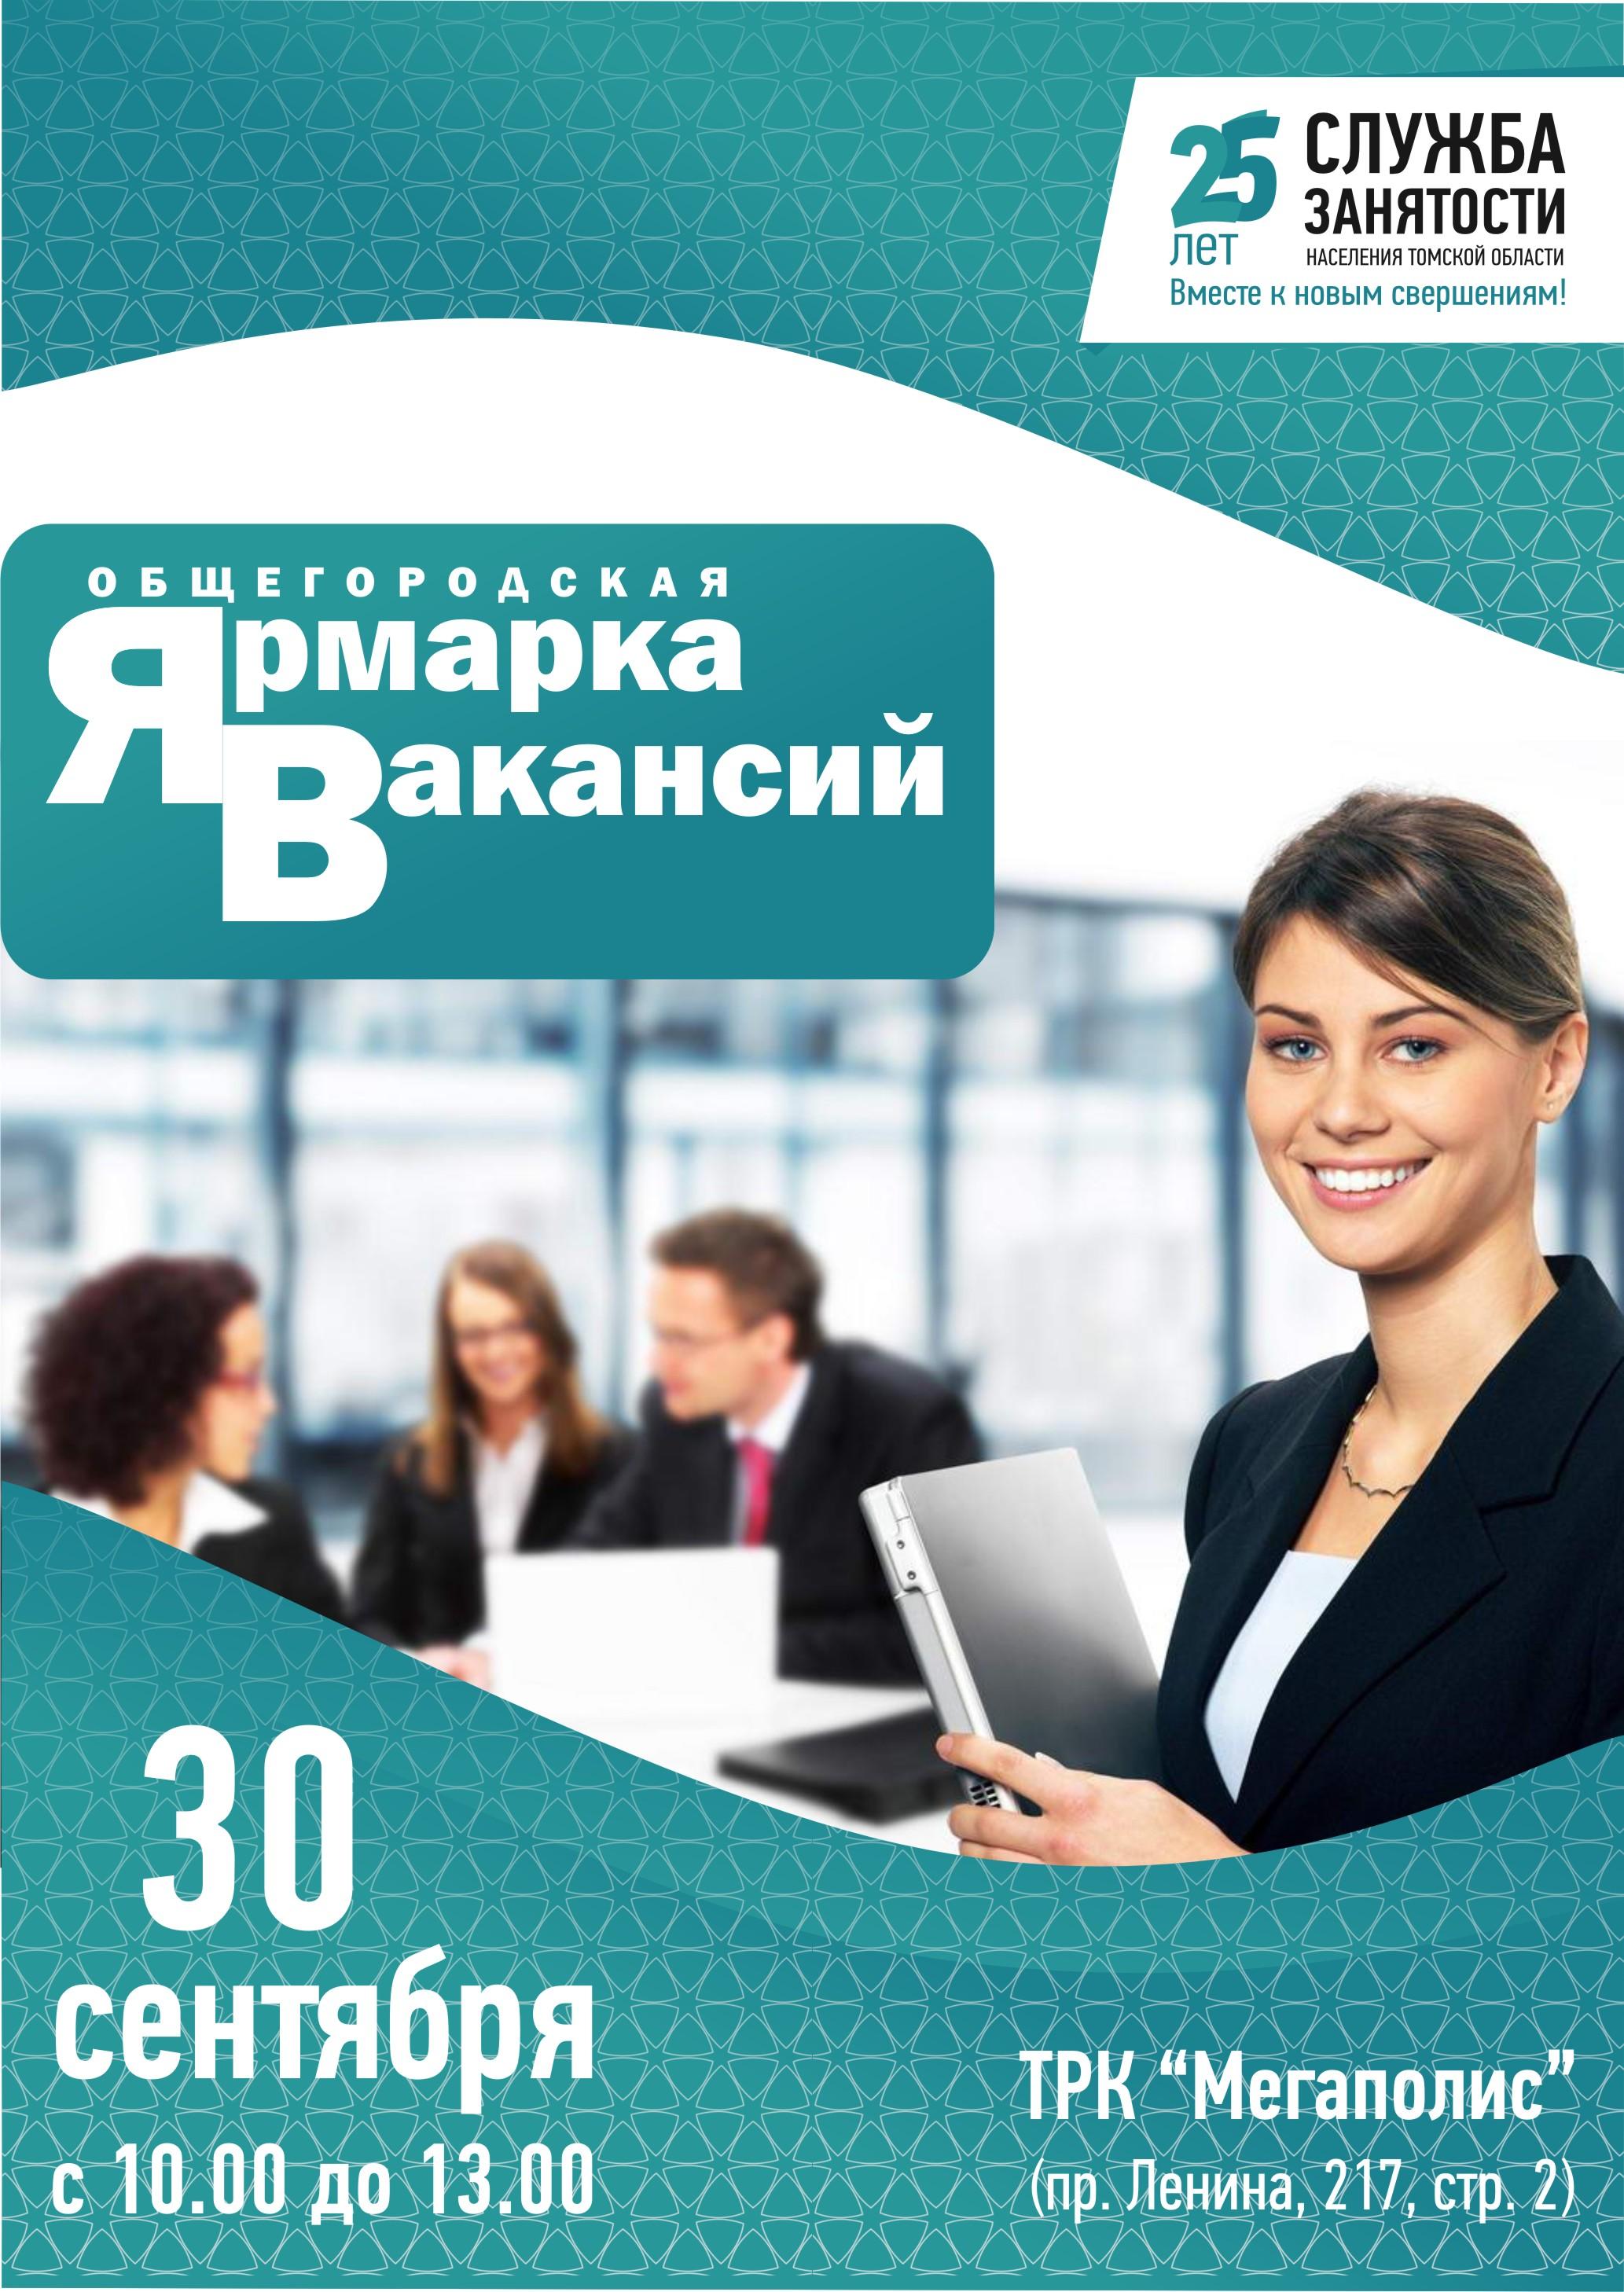 5000 рублей пенсионерам в январе 2017 ветераны боевых действий